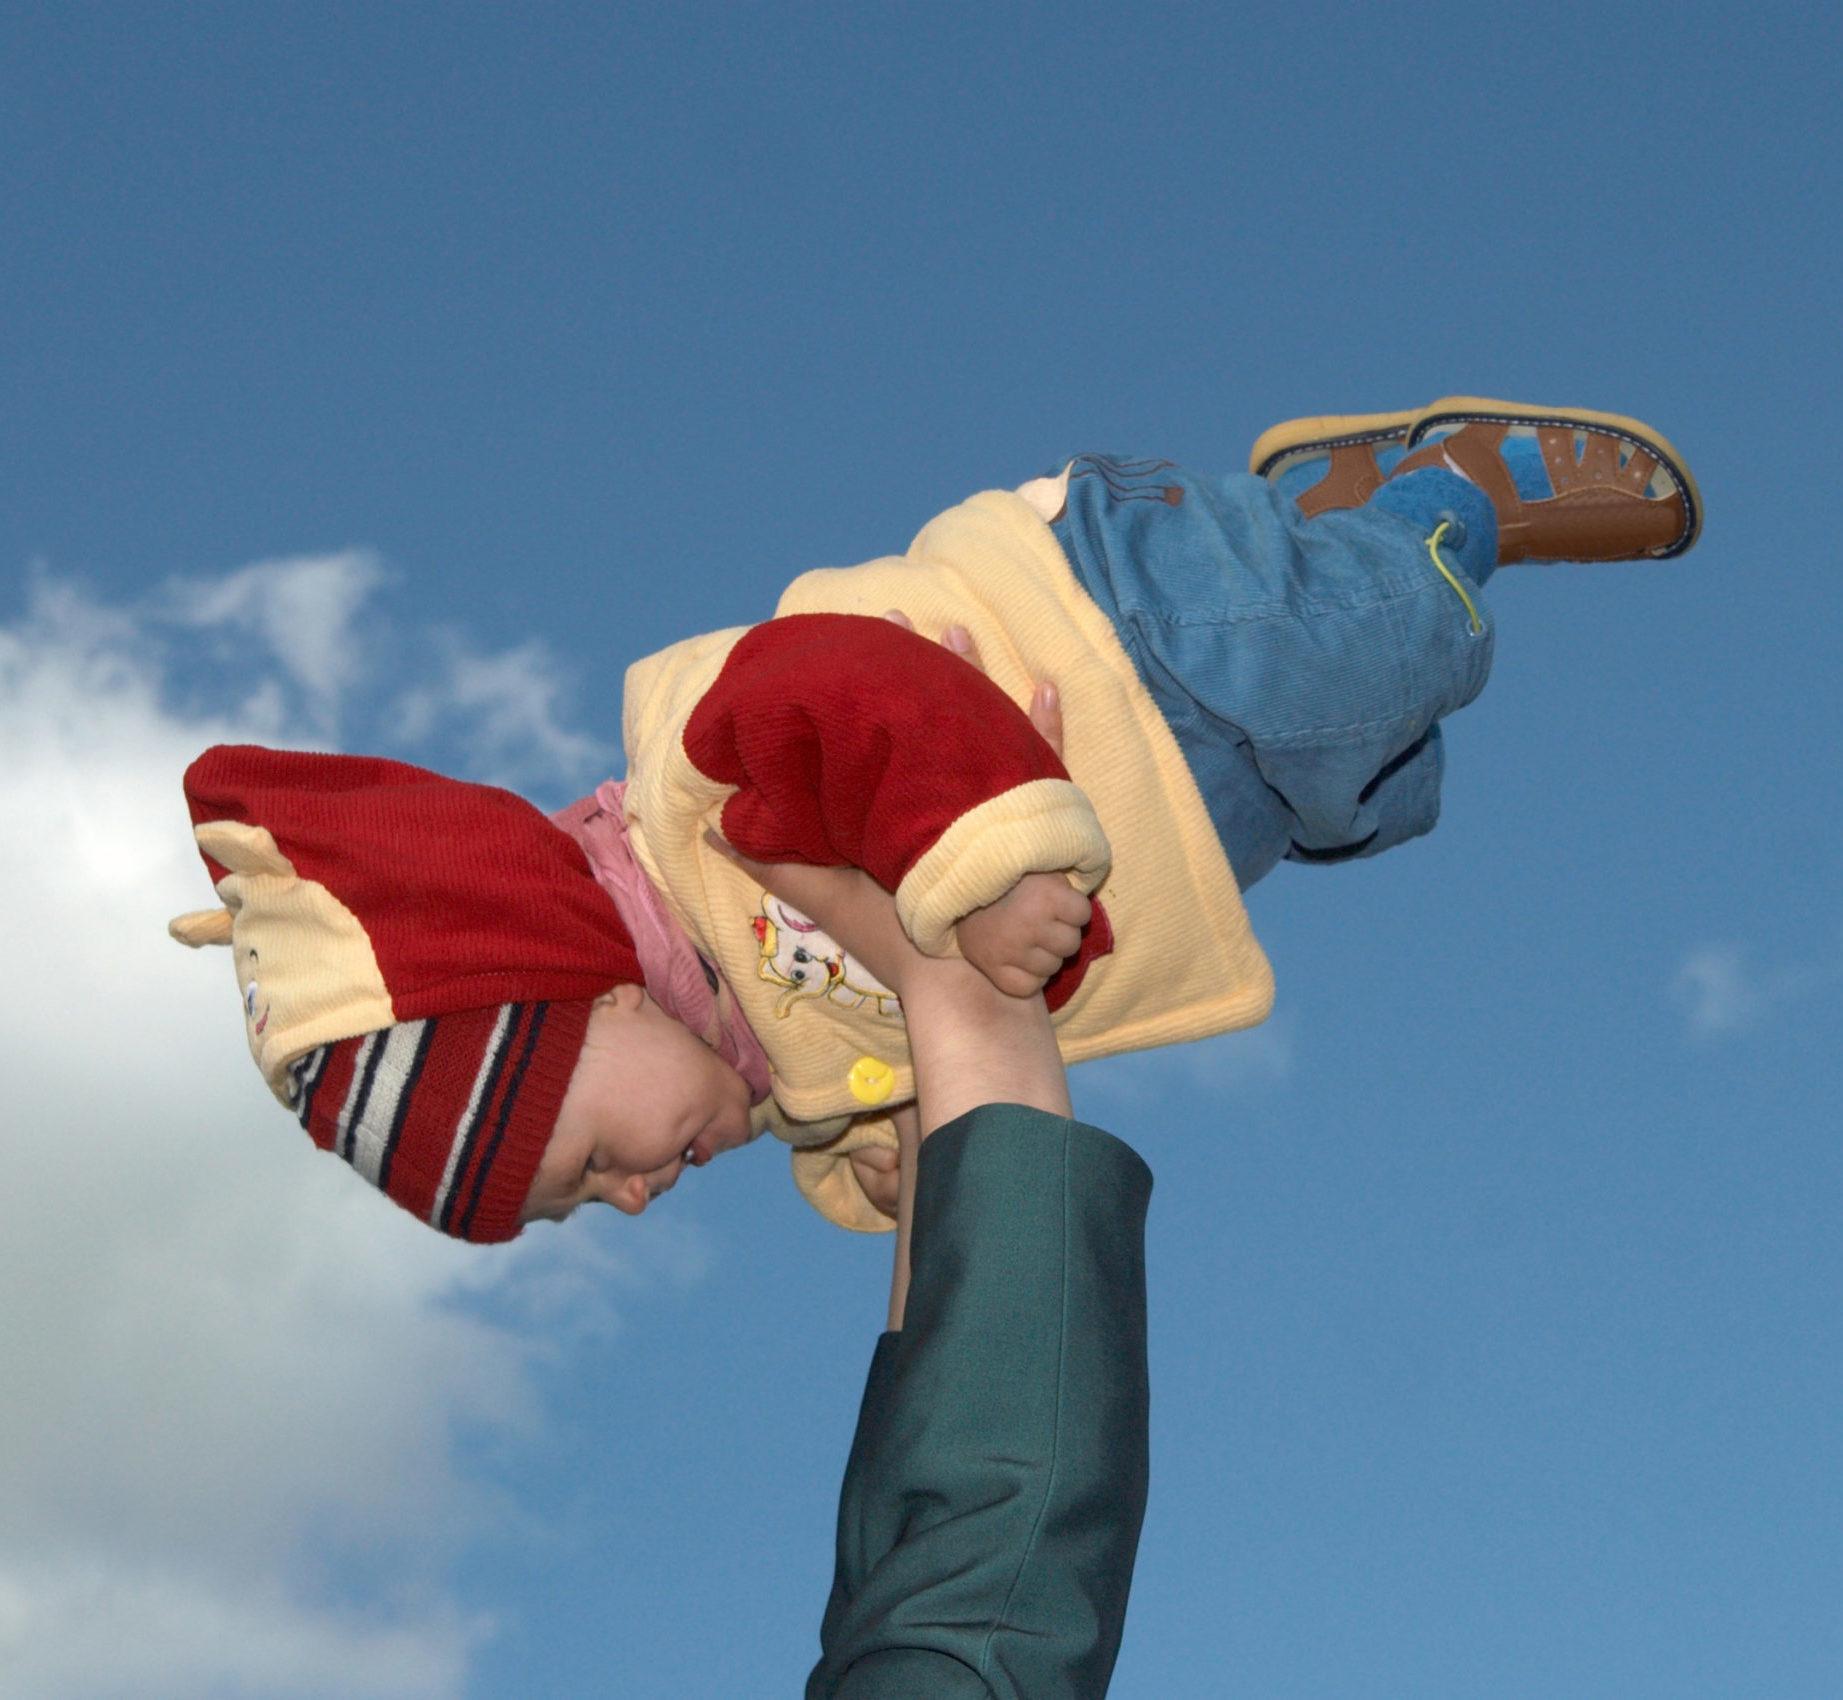 ein halbjähriges Kind, angepackt für winterliche Temperaturen, wird von zwei Armen im Spiel nach oben gehalten, im kindlichen Flugmodus